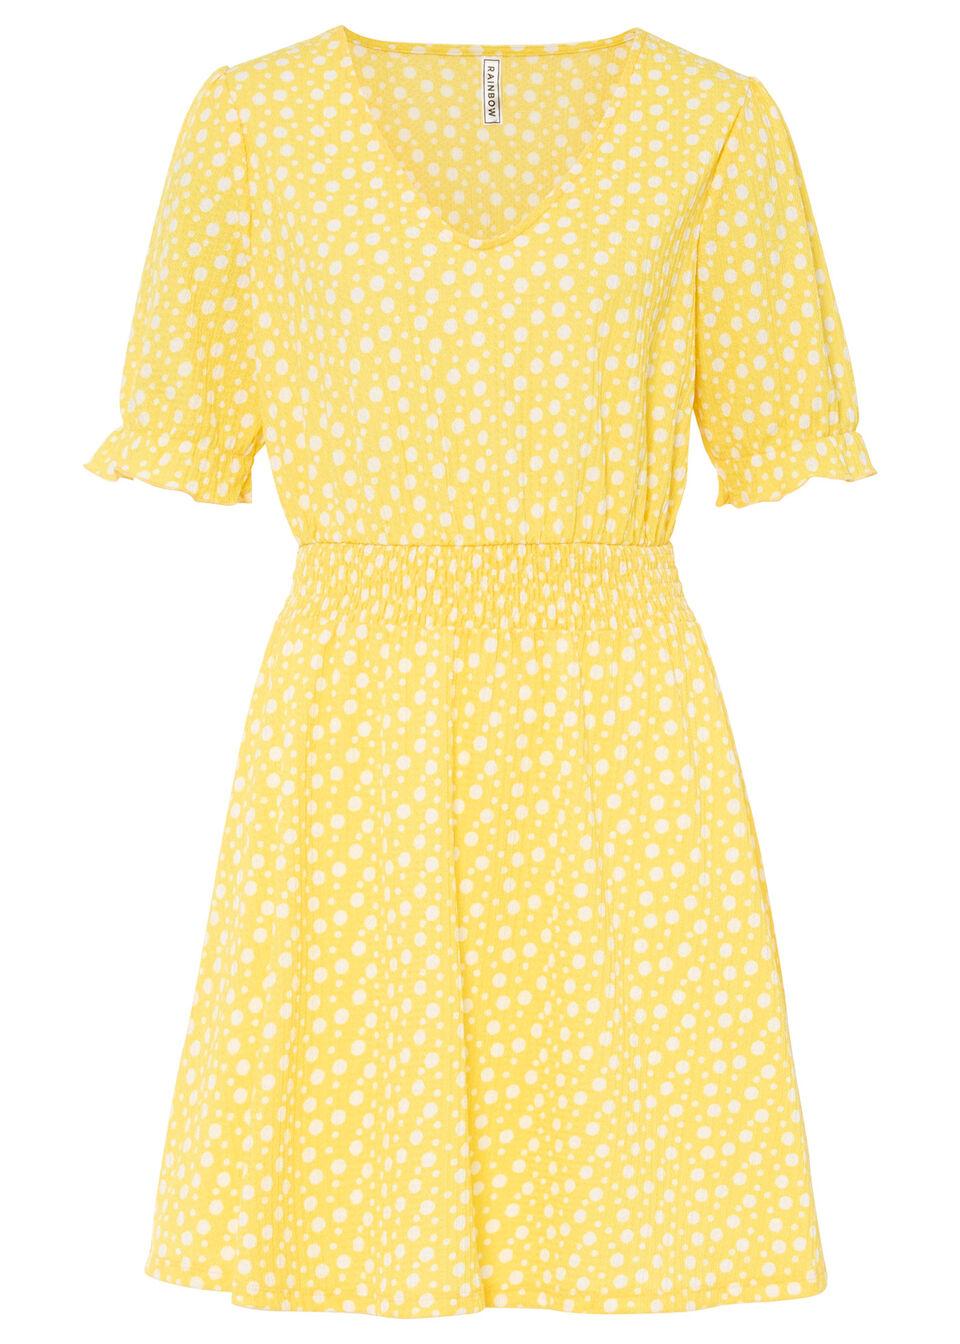 Sukienka shirtowa z kepy bonprix kremowy żółty - biały w kropki